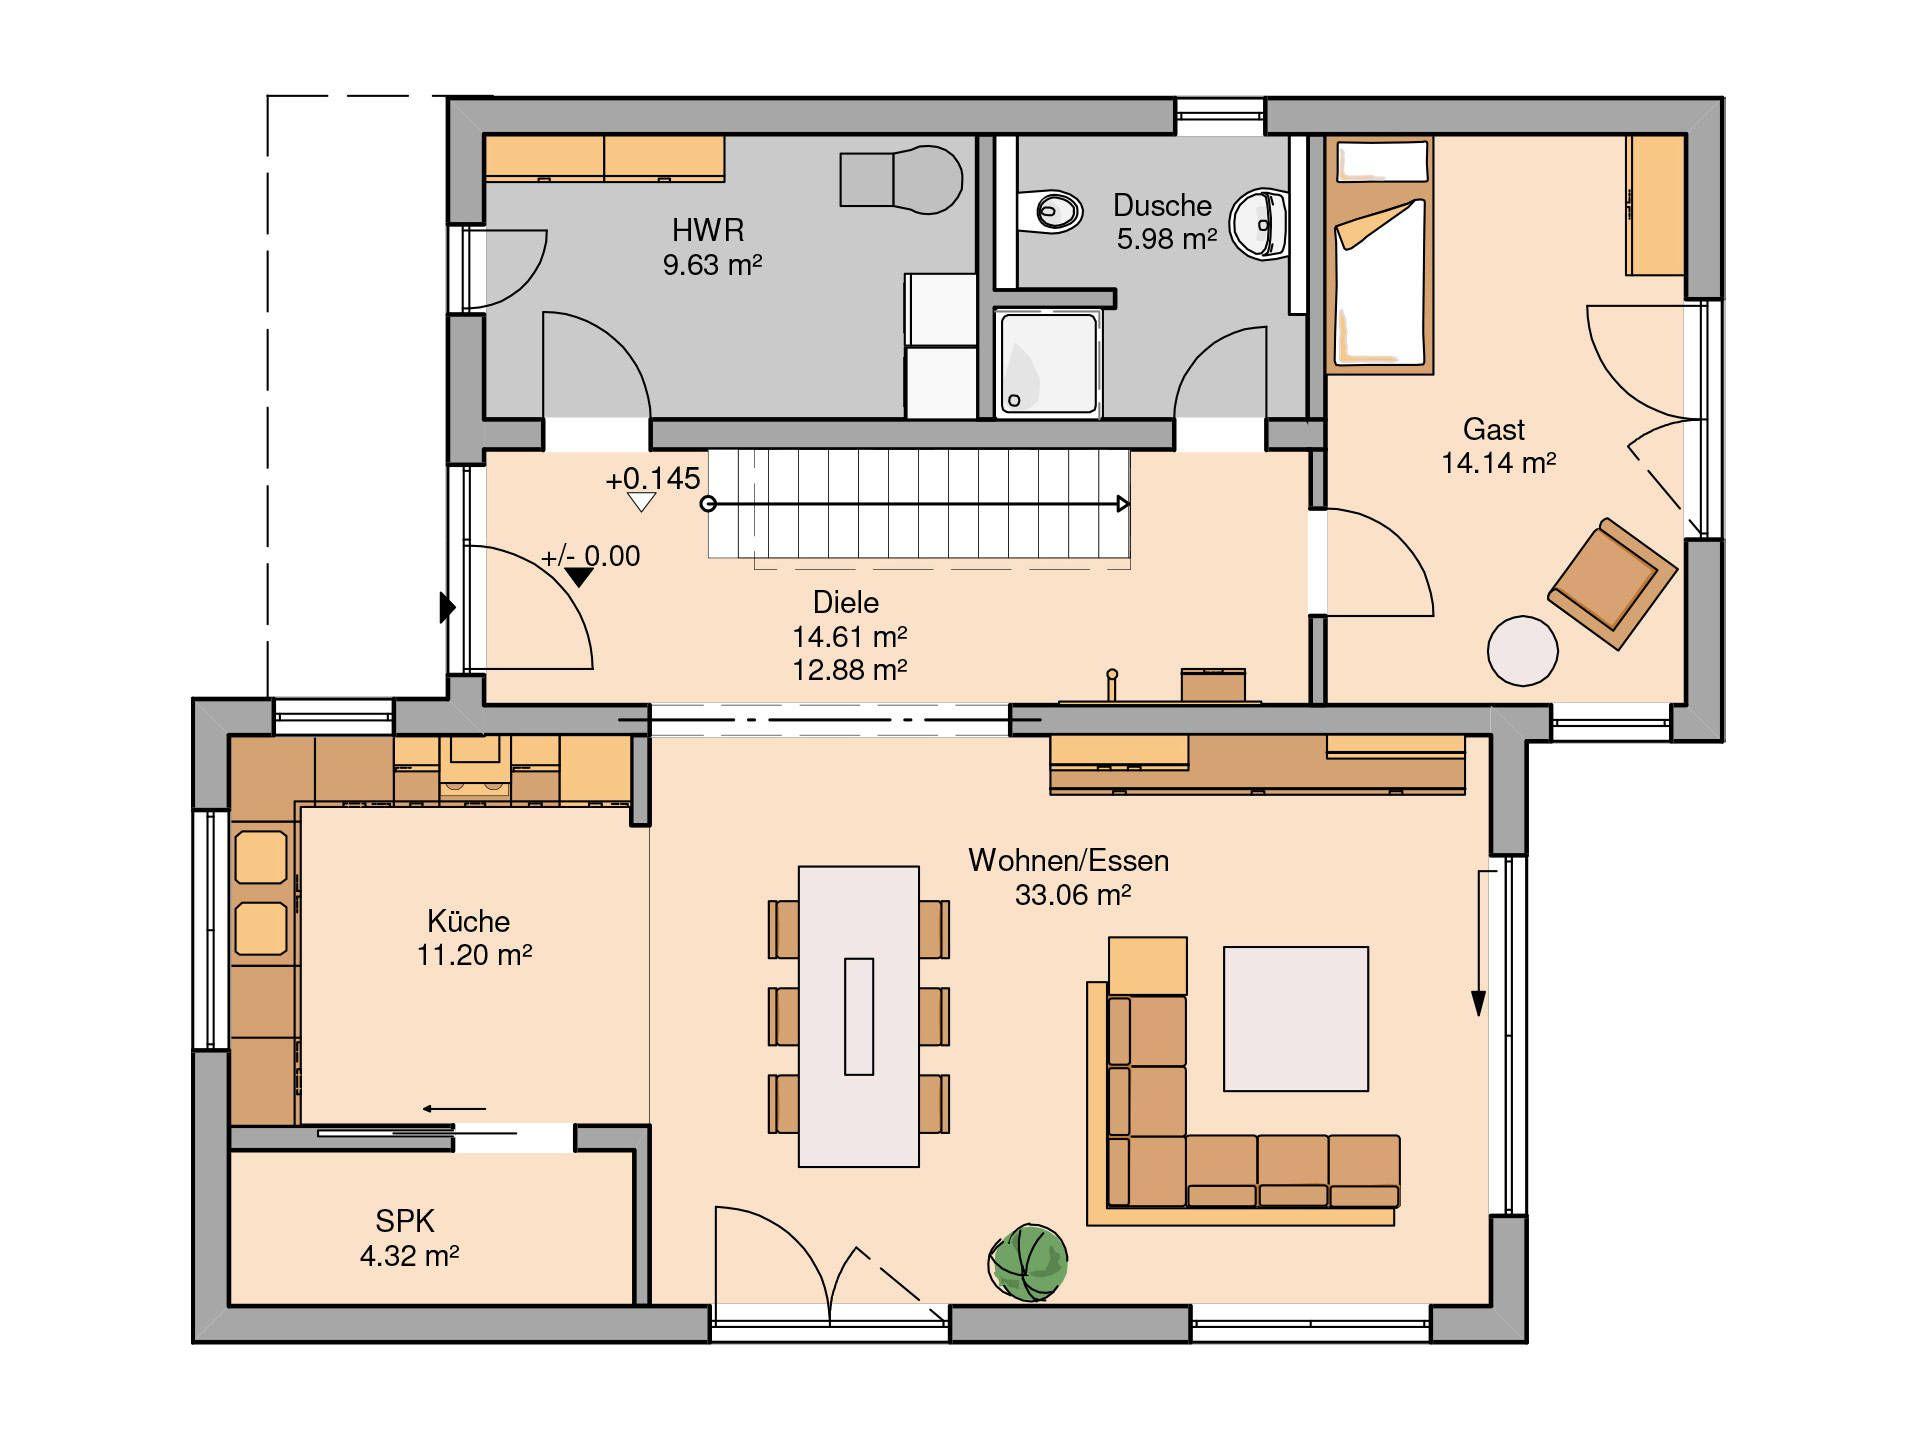 Bauhaus Futura von KernHaus Haus grundriss, Bauplan